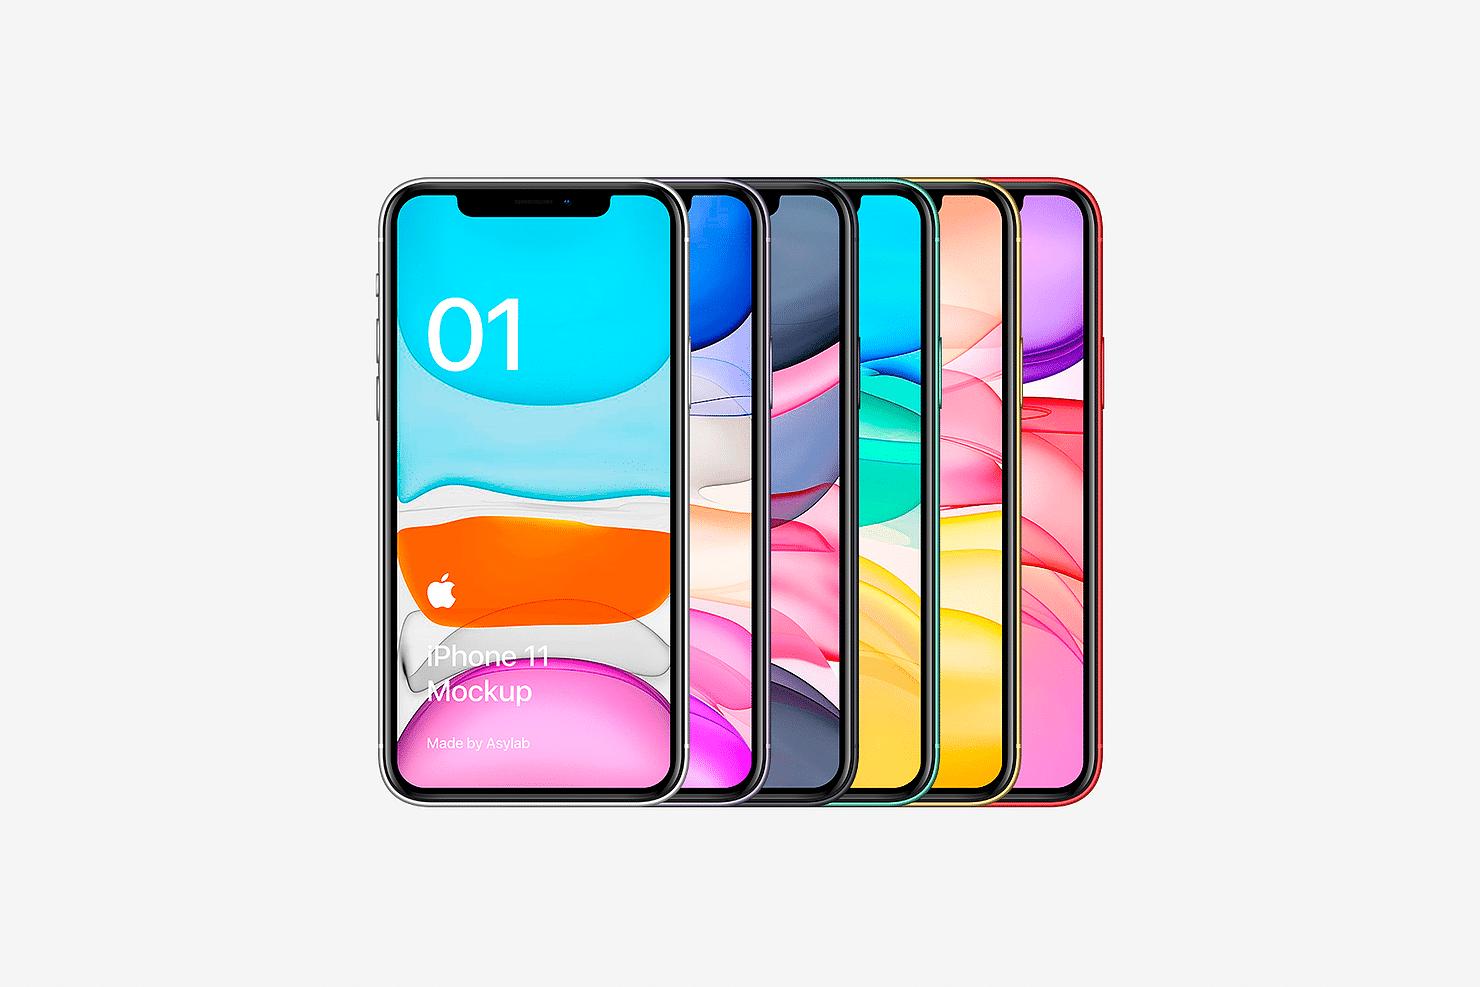 全新iPhone 11手机屏幕界面演示样机PSD模板 iPhone 11 Mockup PSD插图